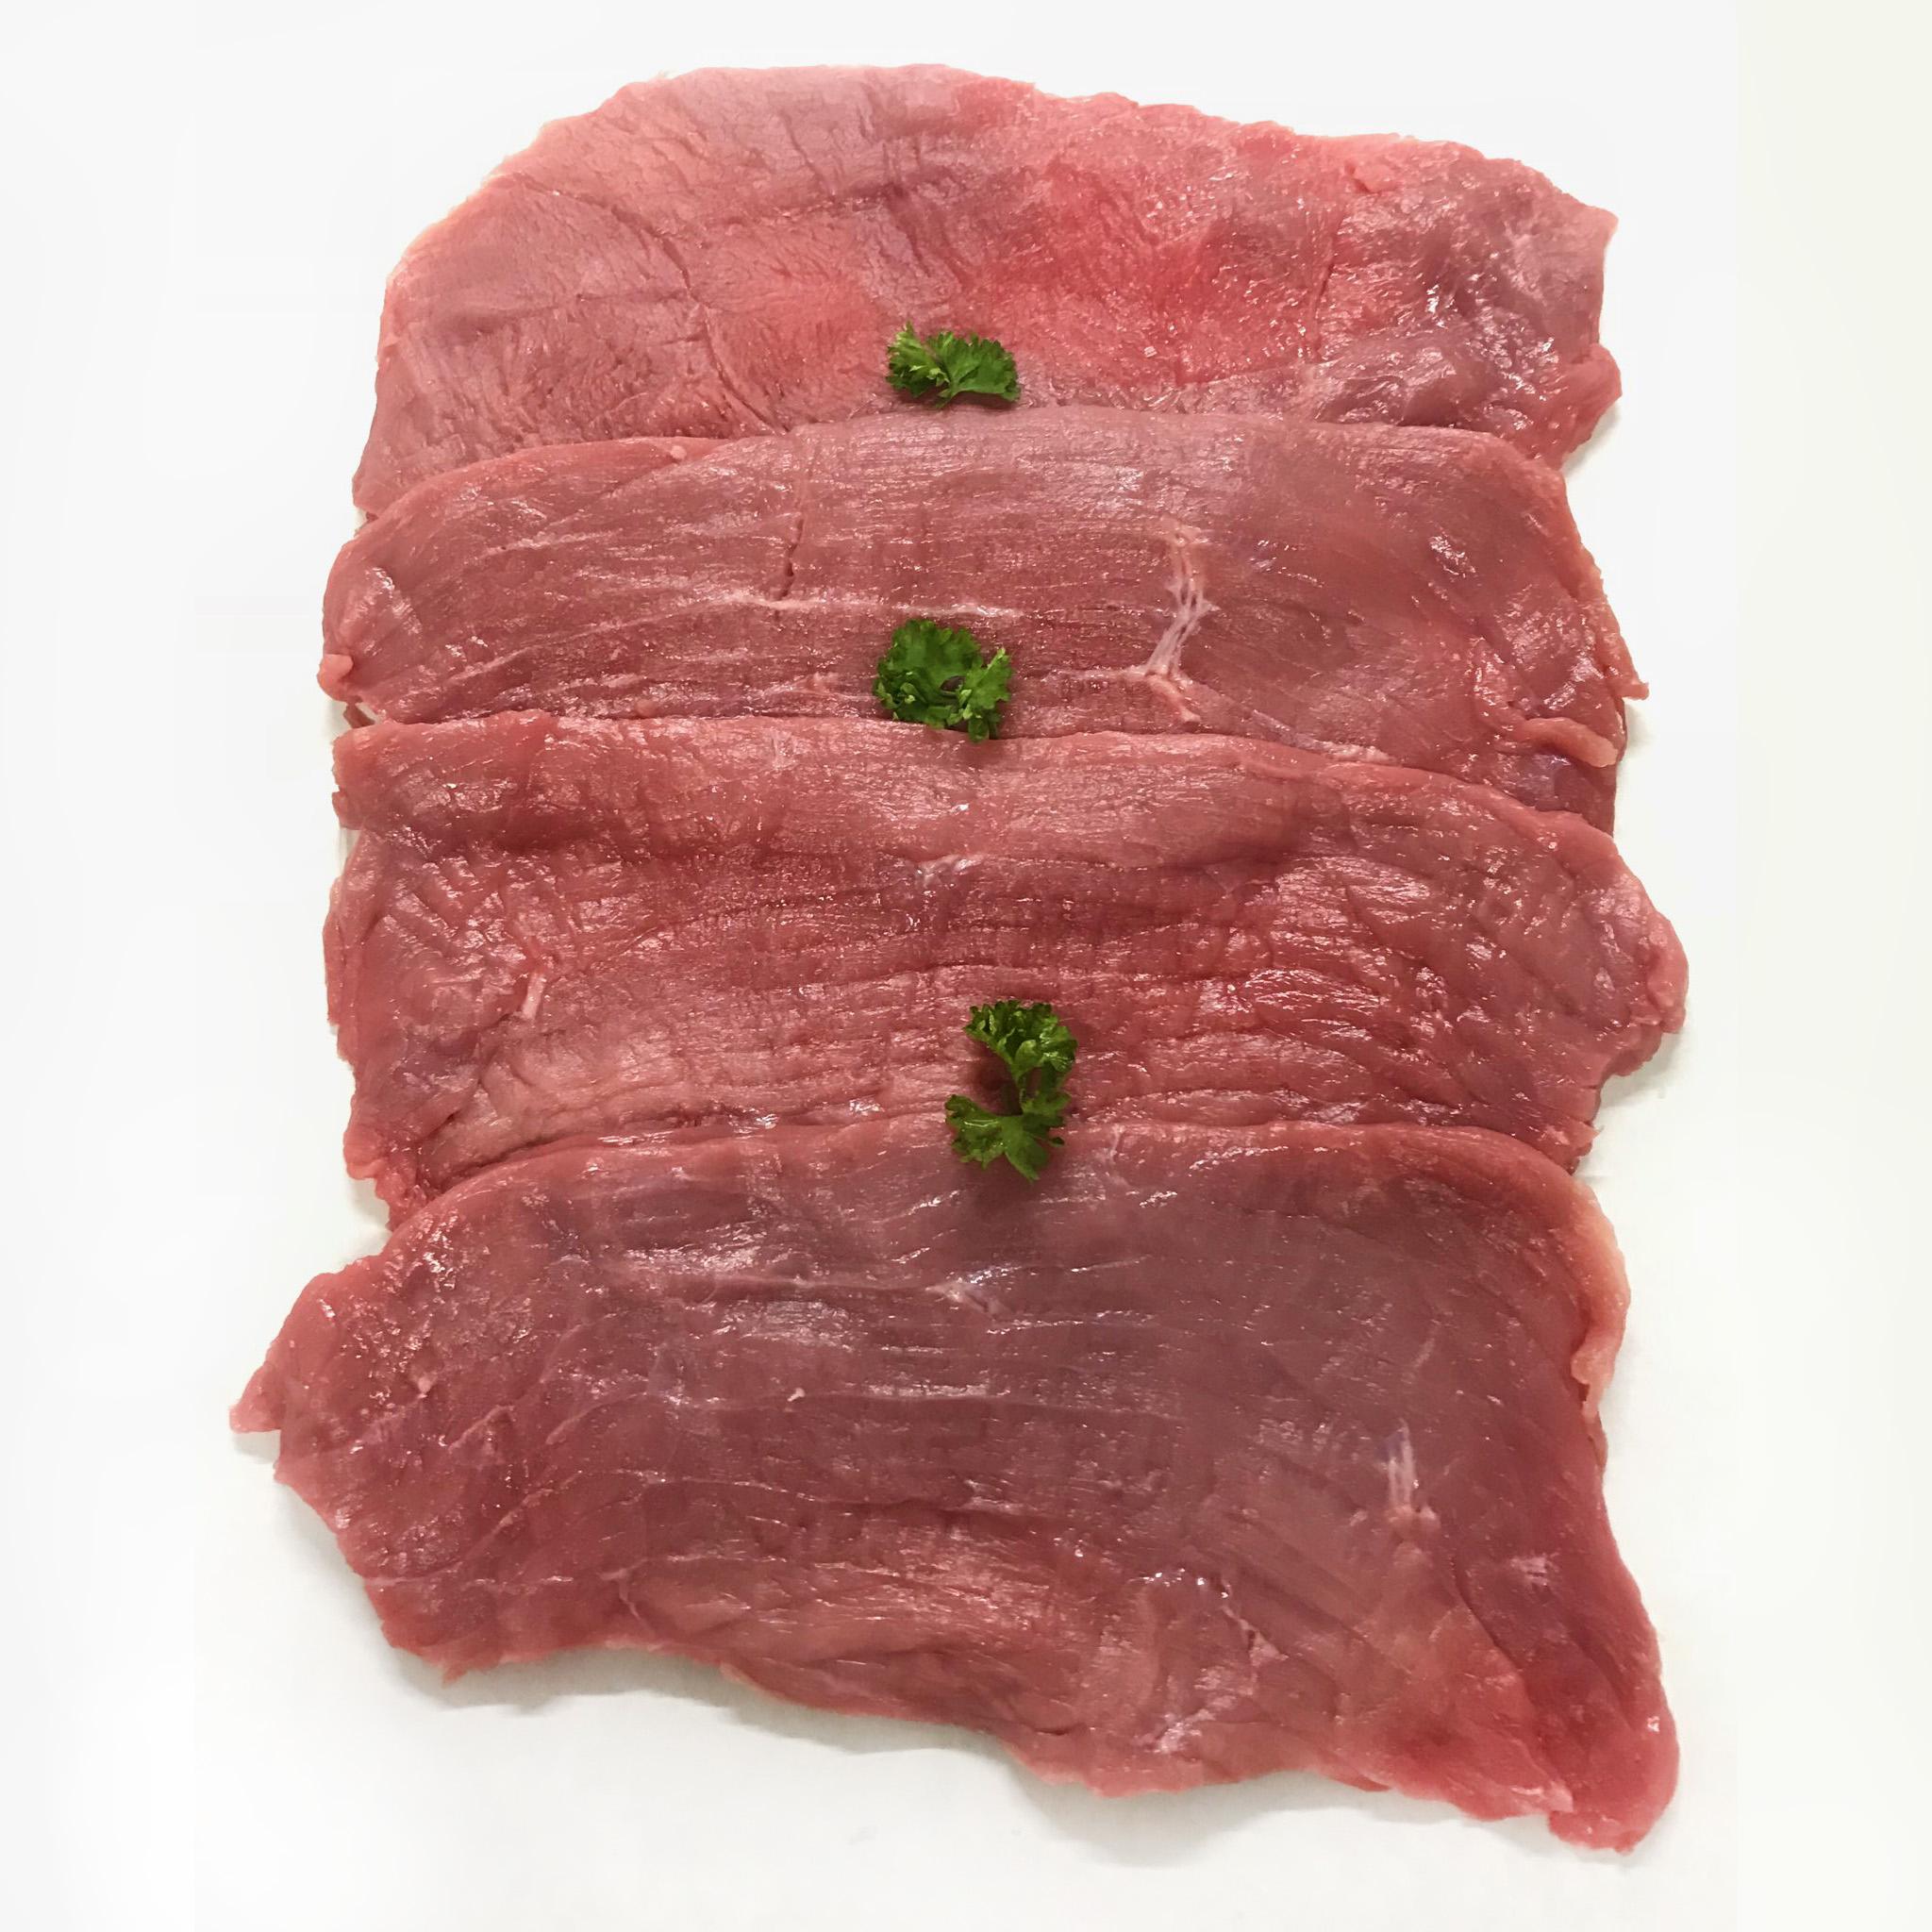 Colis de Veau 4kg500 Escalope de Veau Sèche musculaire Ets Rambeau boucher éleveur Blonde d'Aquitaine Charente-Maritime vente de viande en ligne